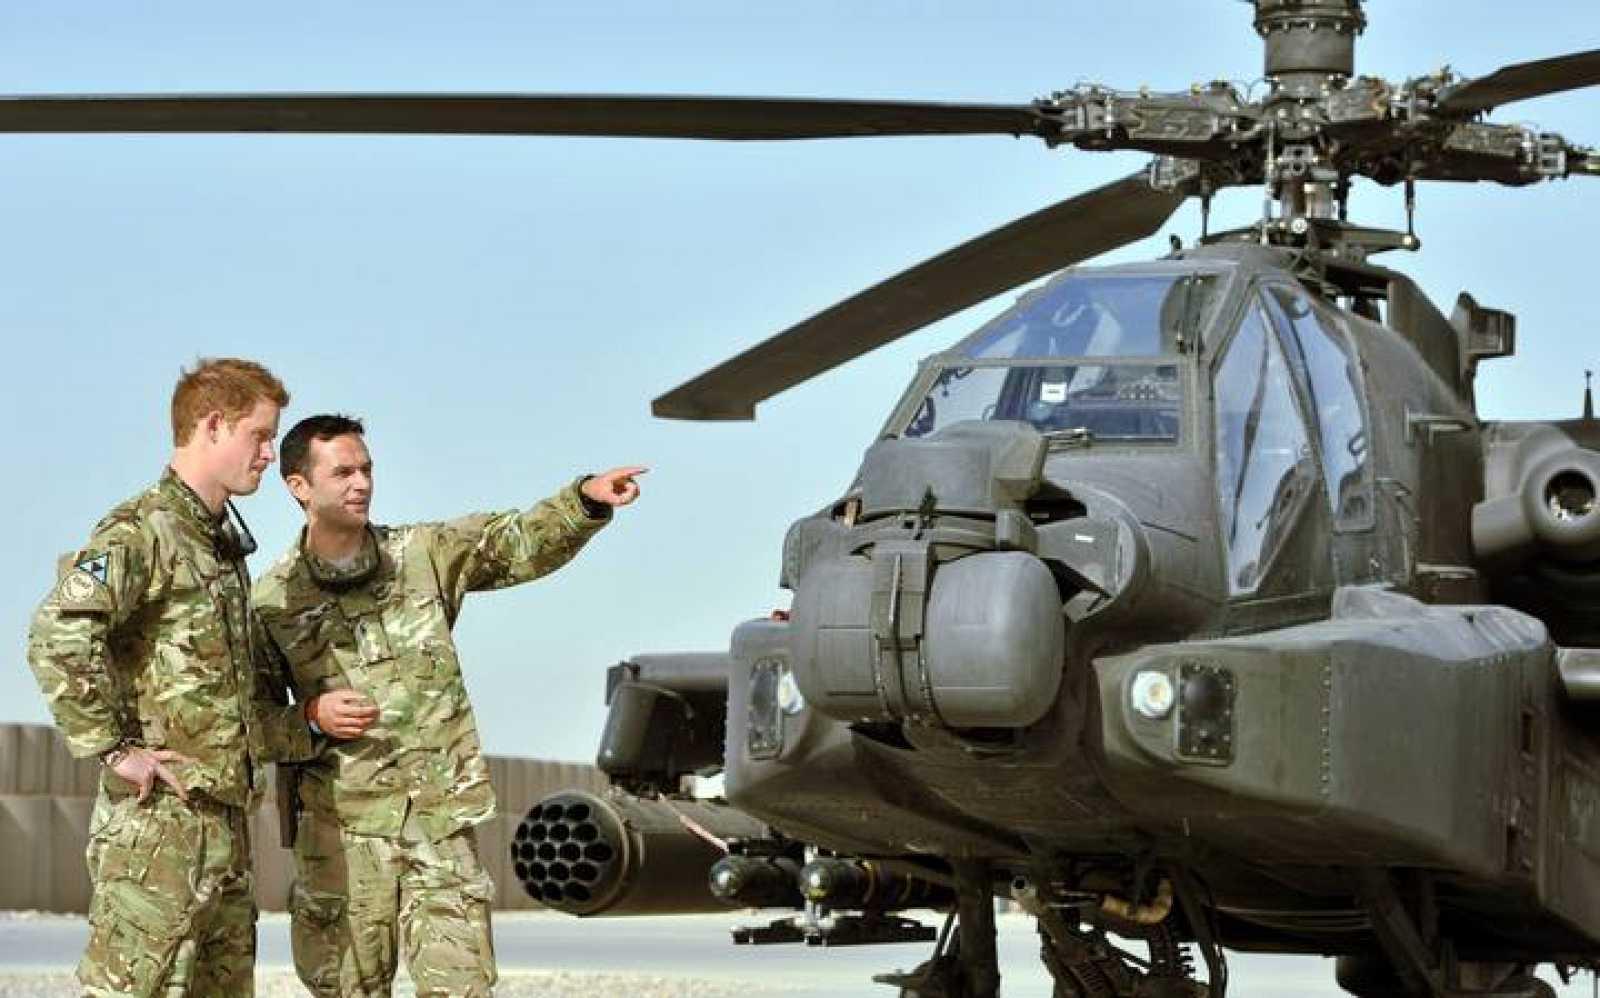 El príncipe Harry combatirá como piloto de helicóptero en Afganistán, donde ya sirvió en 2008.